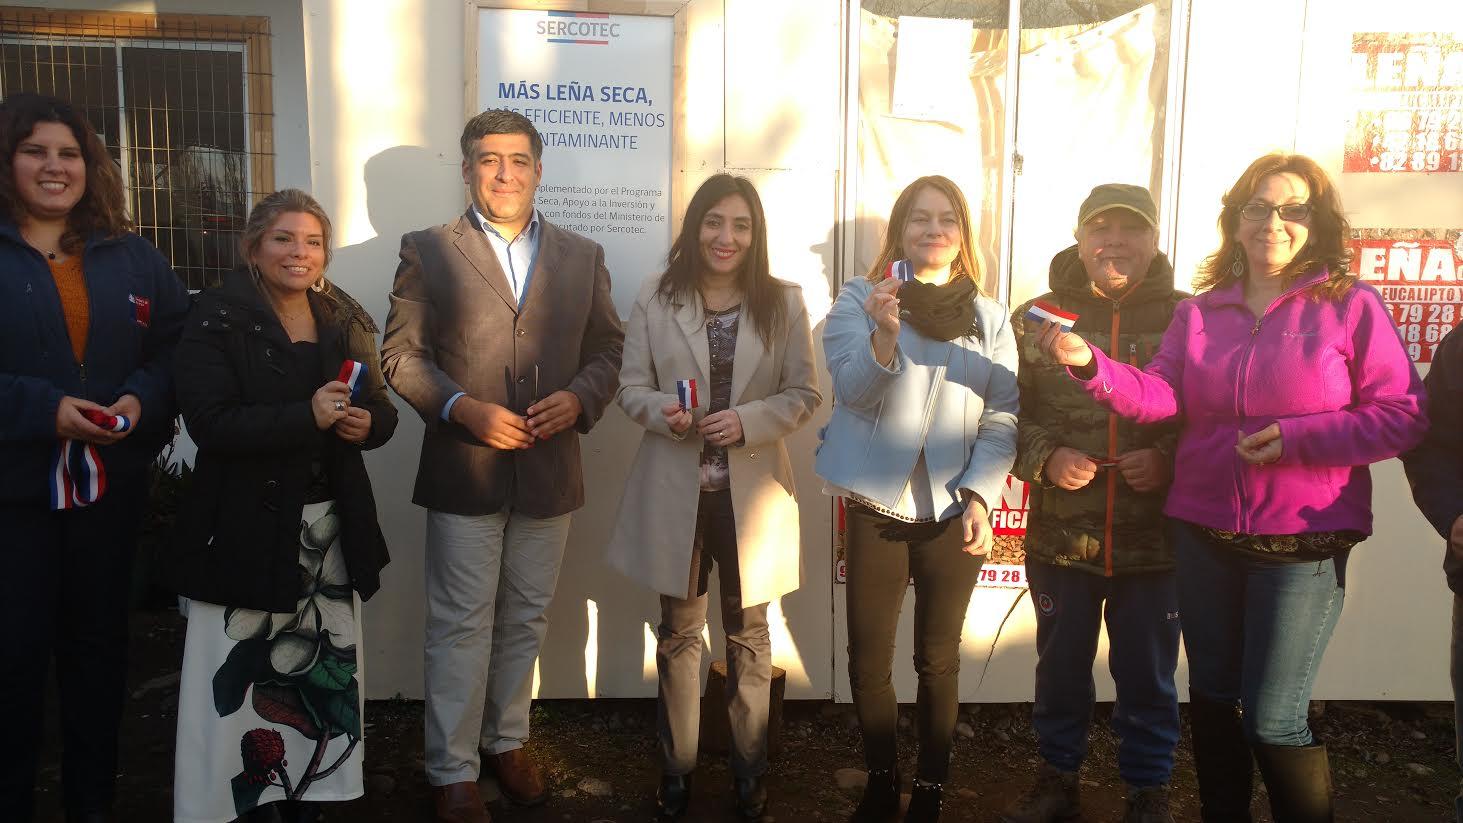 Autoridades de gobierno inauguran centro de acopio y secado de leña en Curicó